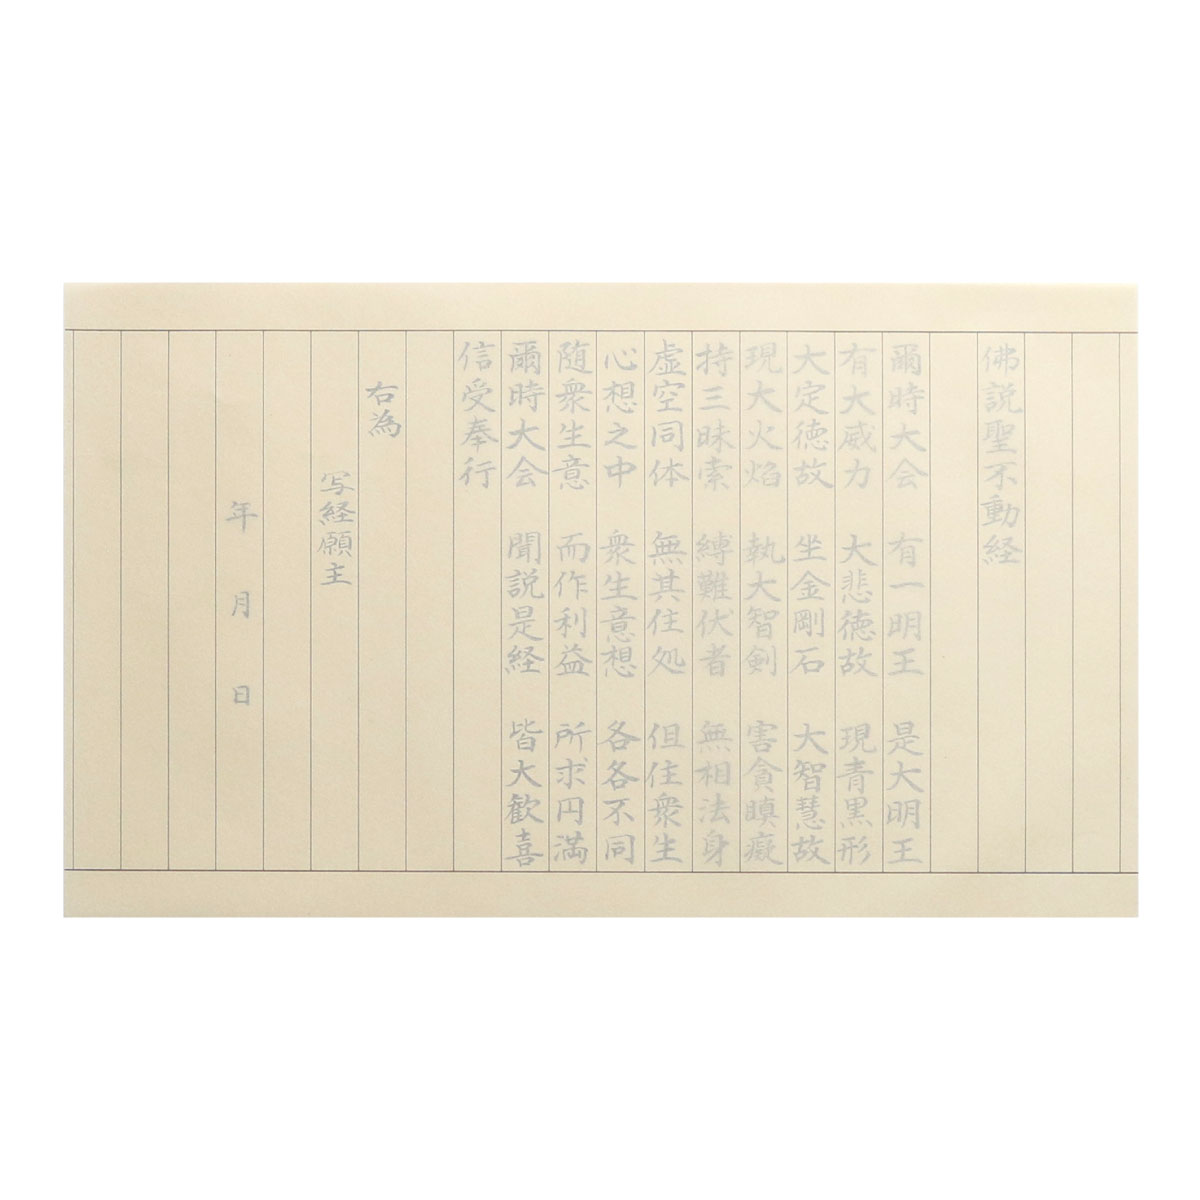 【写経用紙】佛説聖不動経25枚